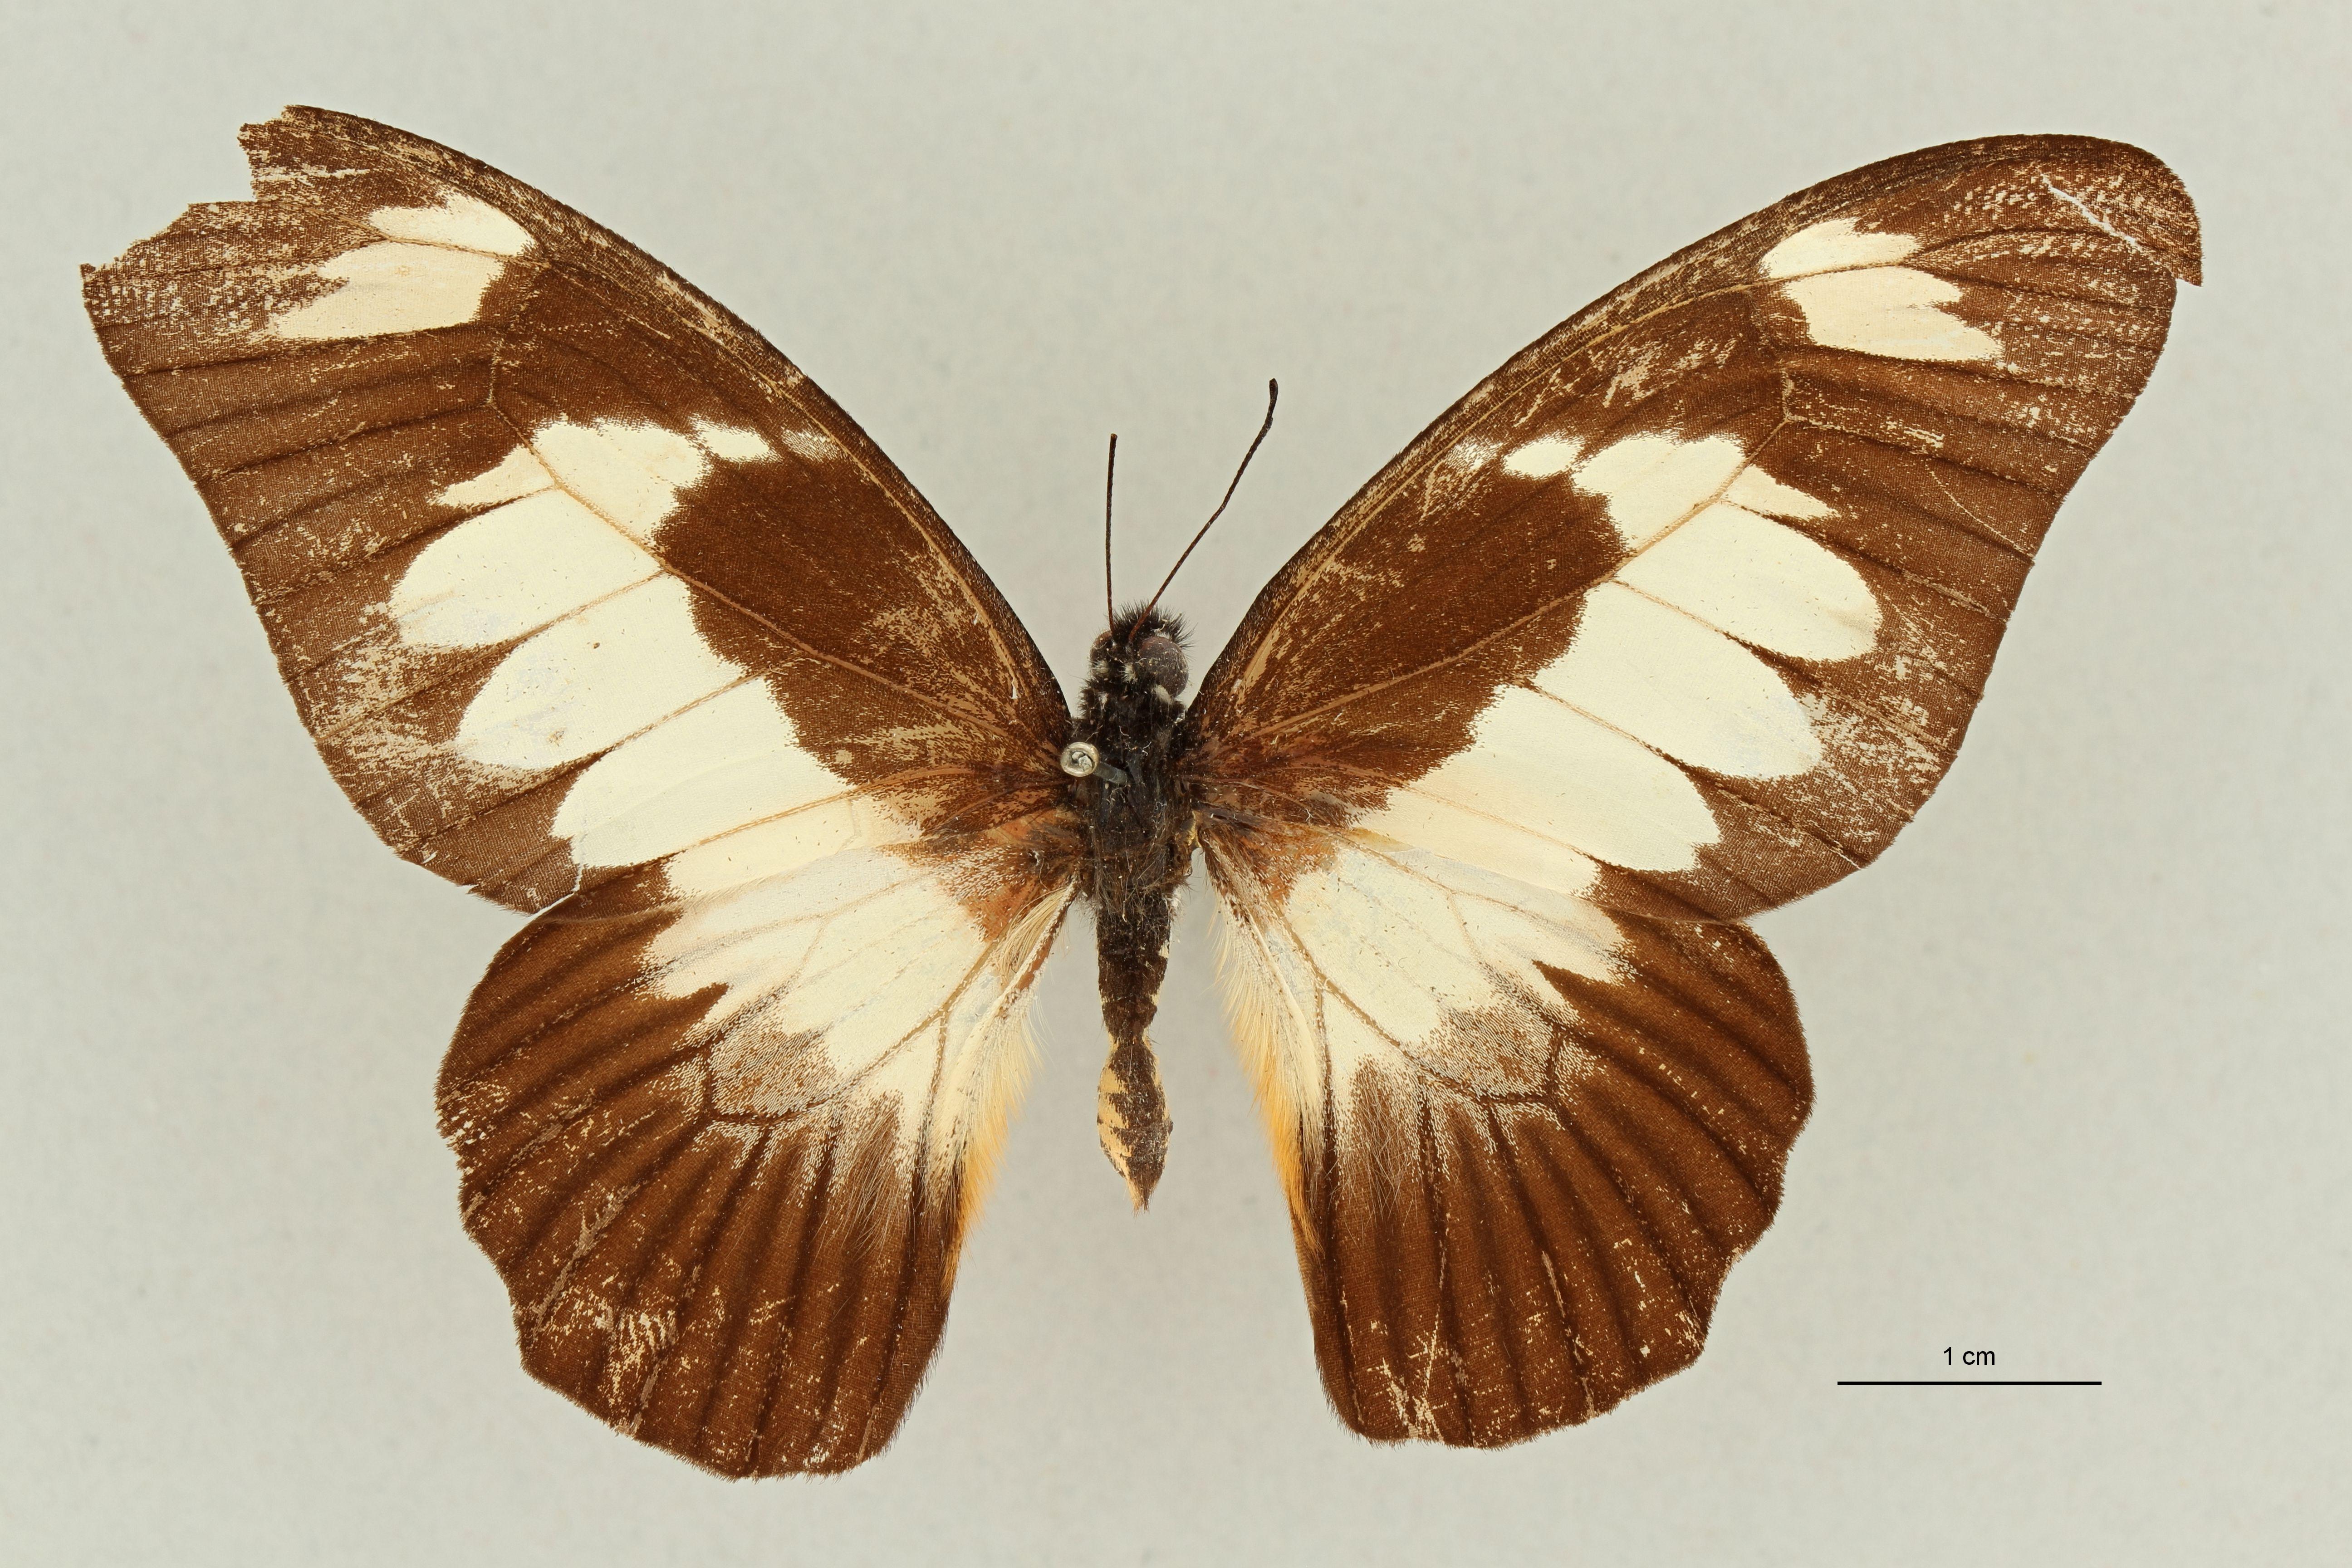 Papilio ucalegon var simoni  M ht D.jpg